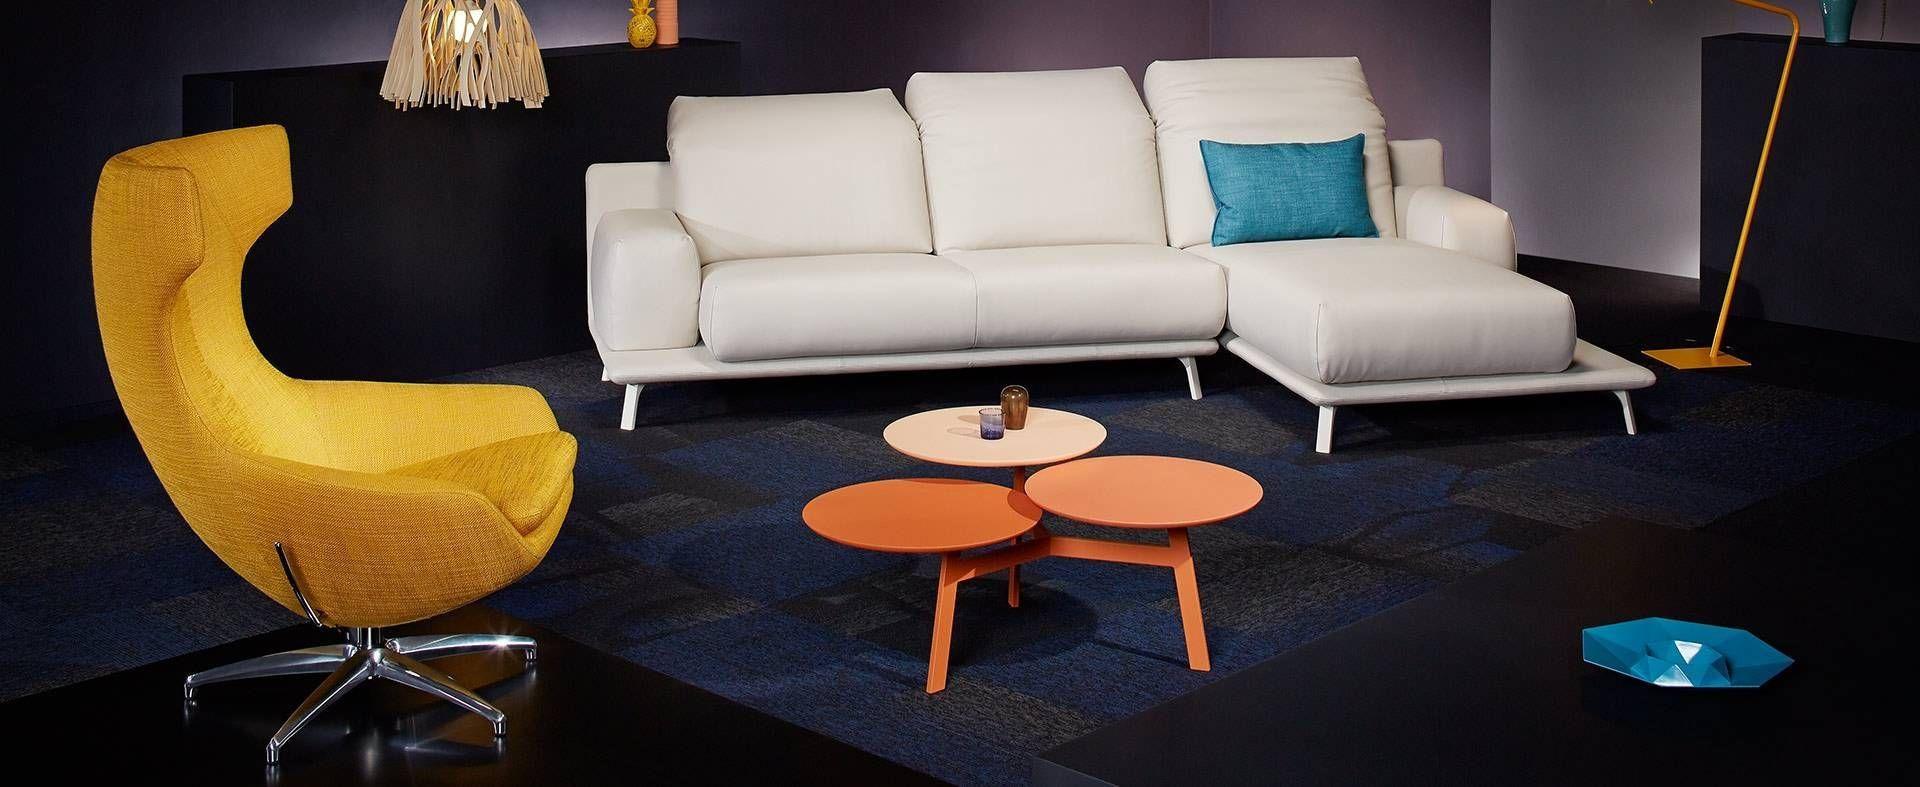 Design Fauteuil Caruzzo van Leolux | Stoelen, bankstellen en ...